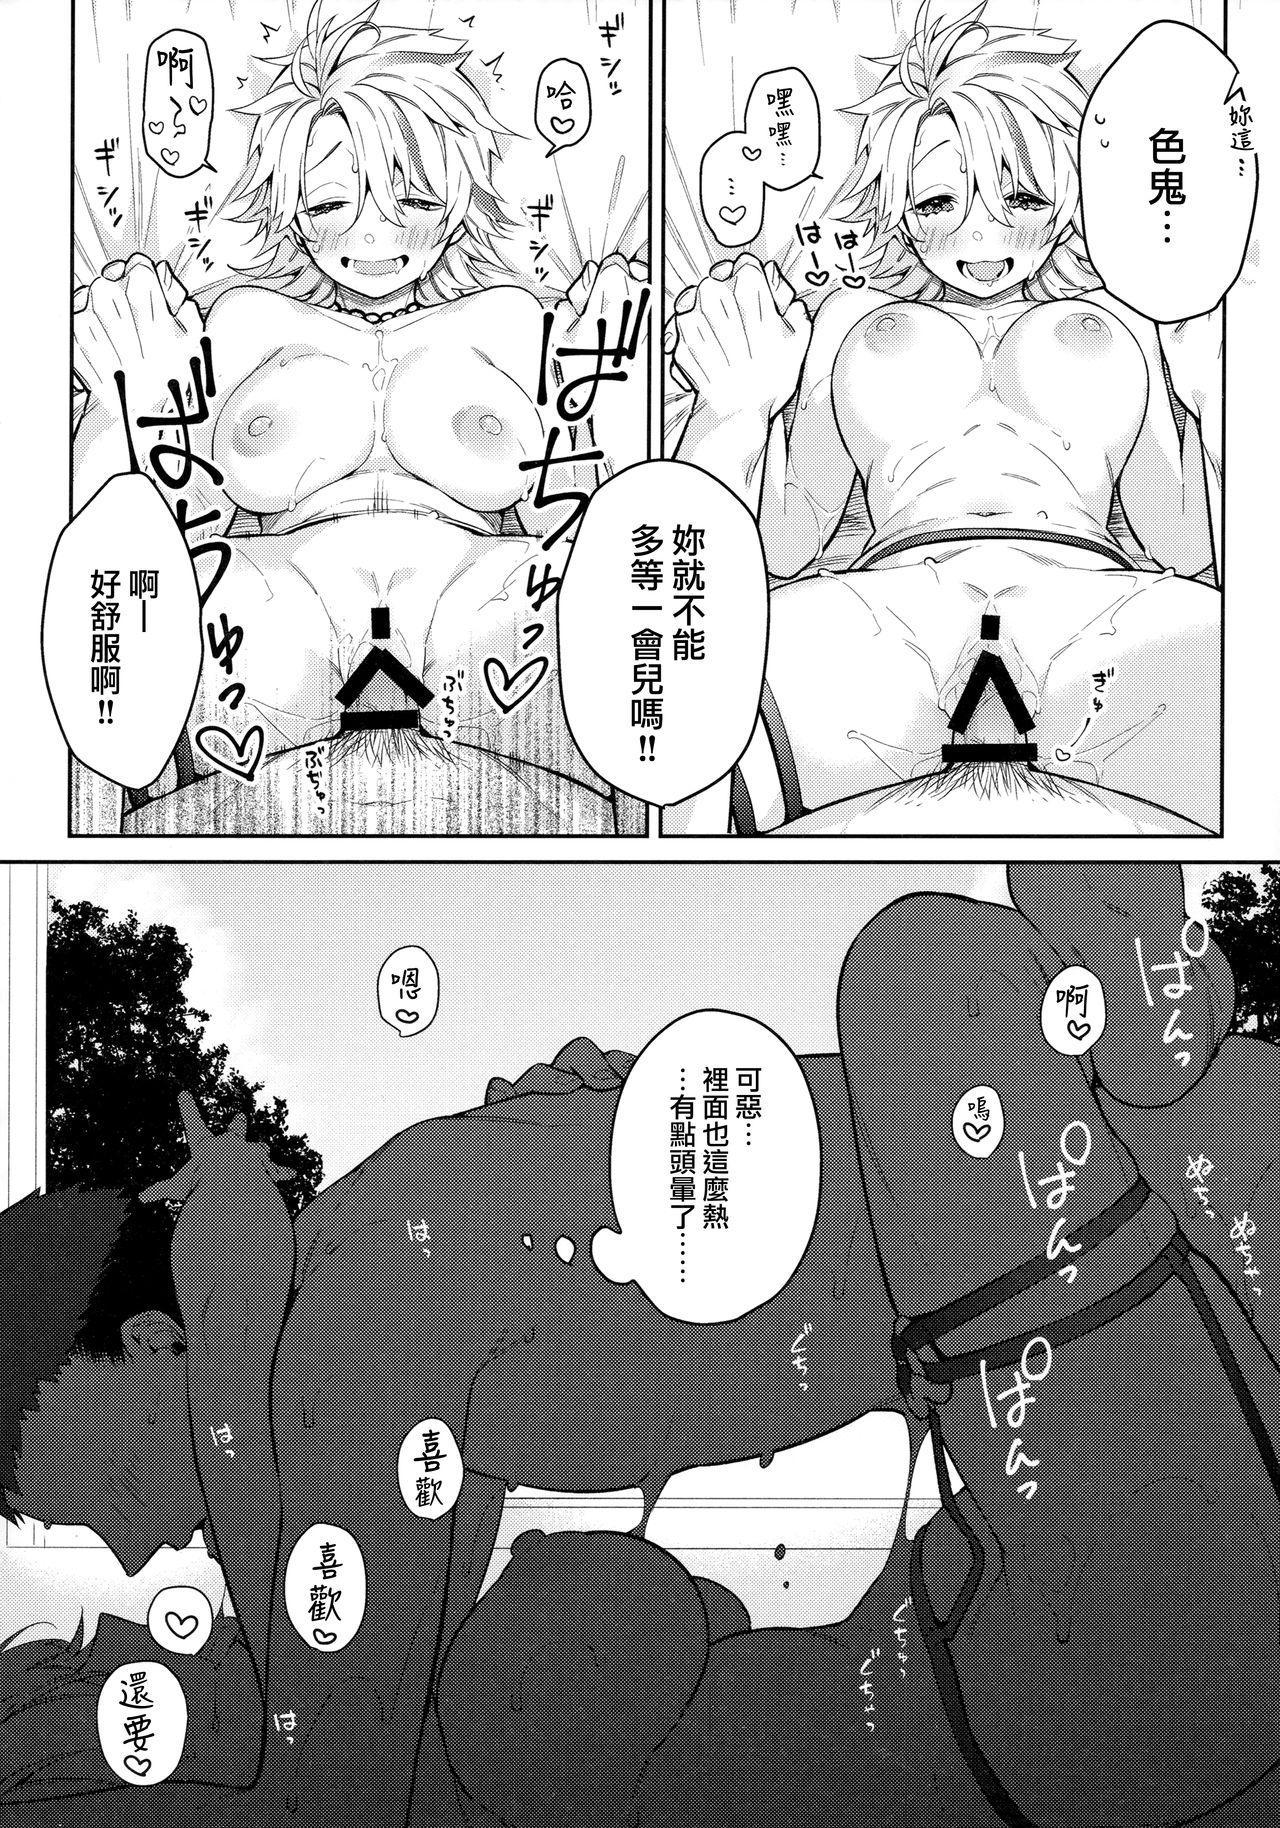 Chikyuu ga Achuachu dakara Kanojo ga Chintama o Fuufuu Shite Kureru Hon 16